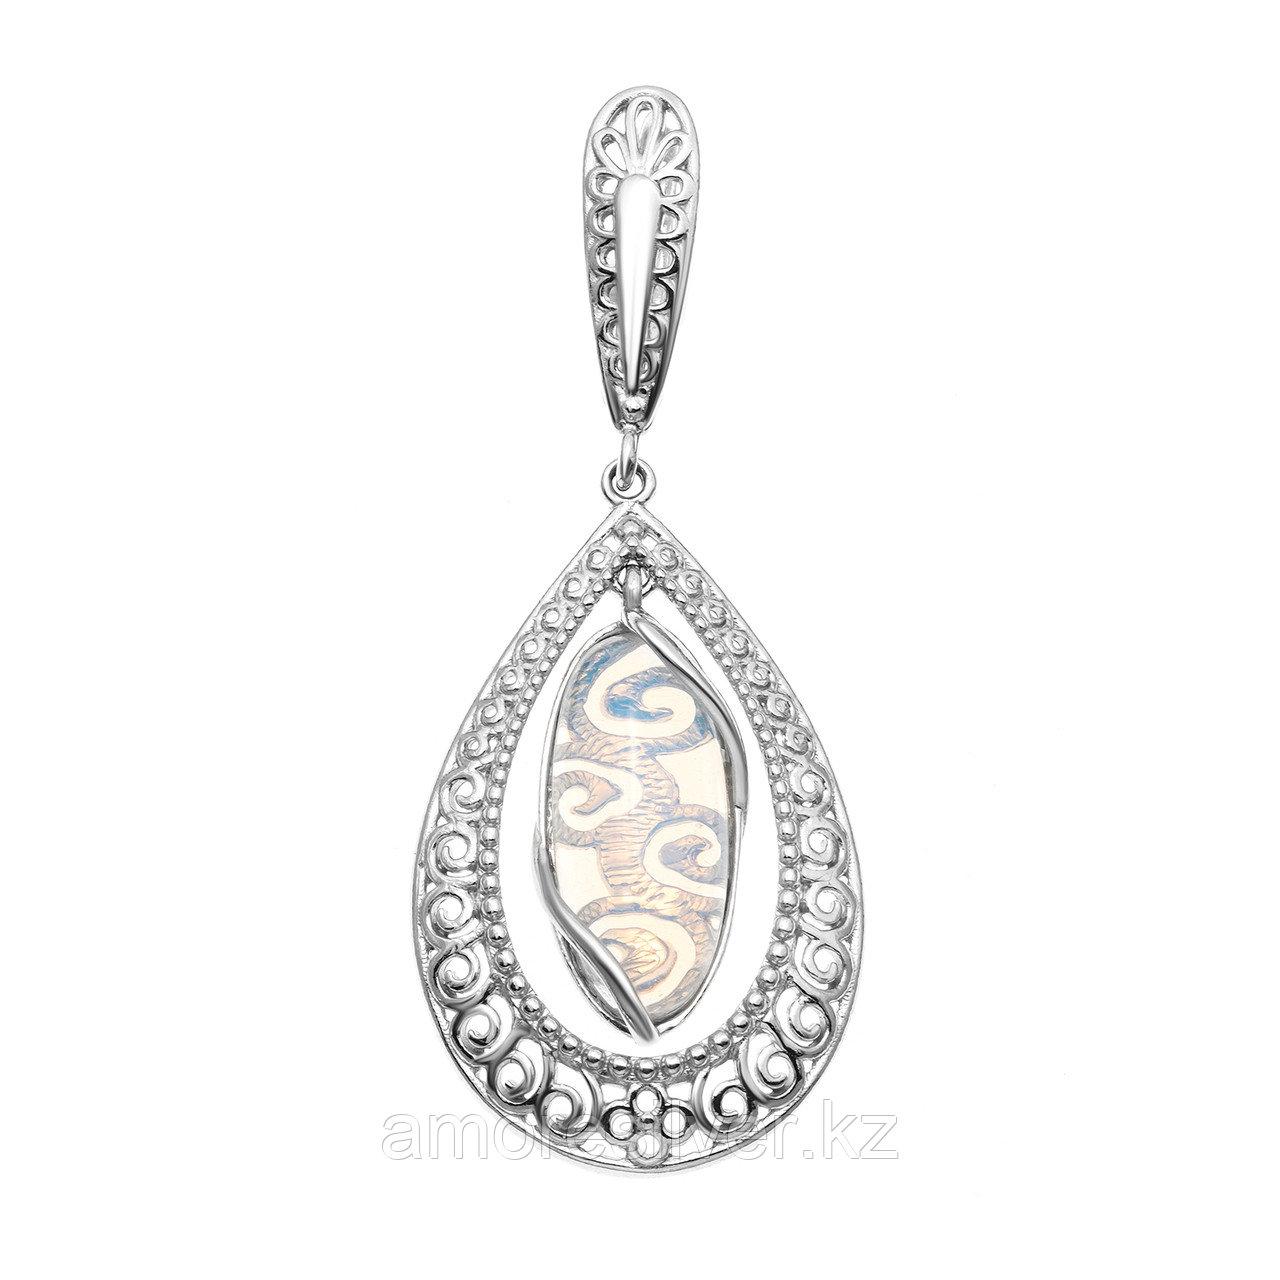 Серьги Приволжский Ювелир серебро с родием, лунный камень, капля 361448